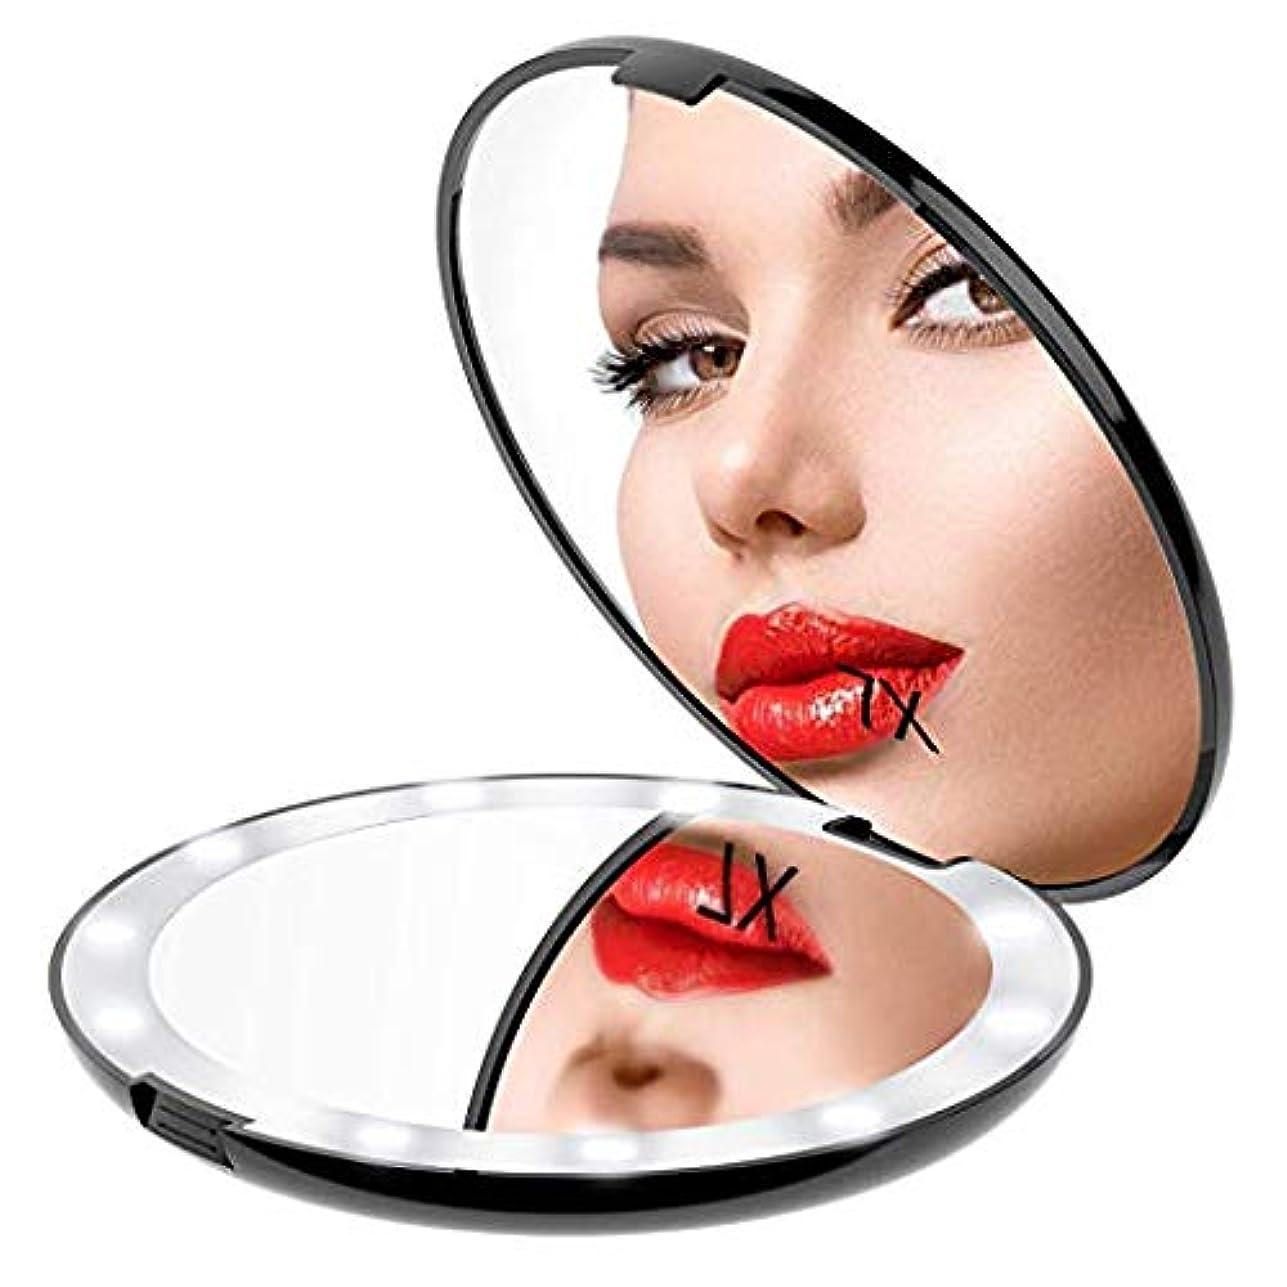 不透明な変動する改革Gospire 化粧鏡 7倍拡大鏡 携帯ミラー 化粧ミラー LEDライト 手鏡 折りたたみ式 コンパクト 角度調整可 (ブラック)